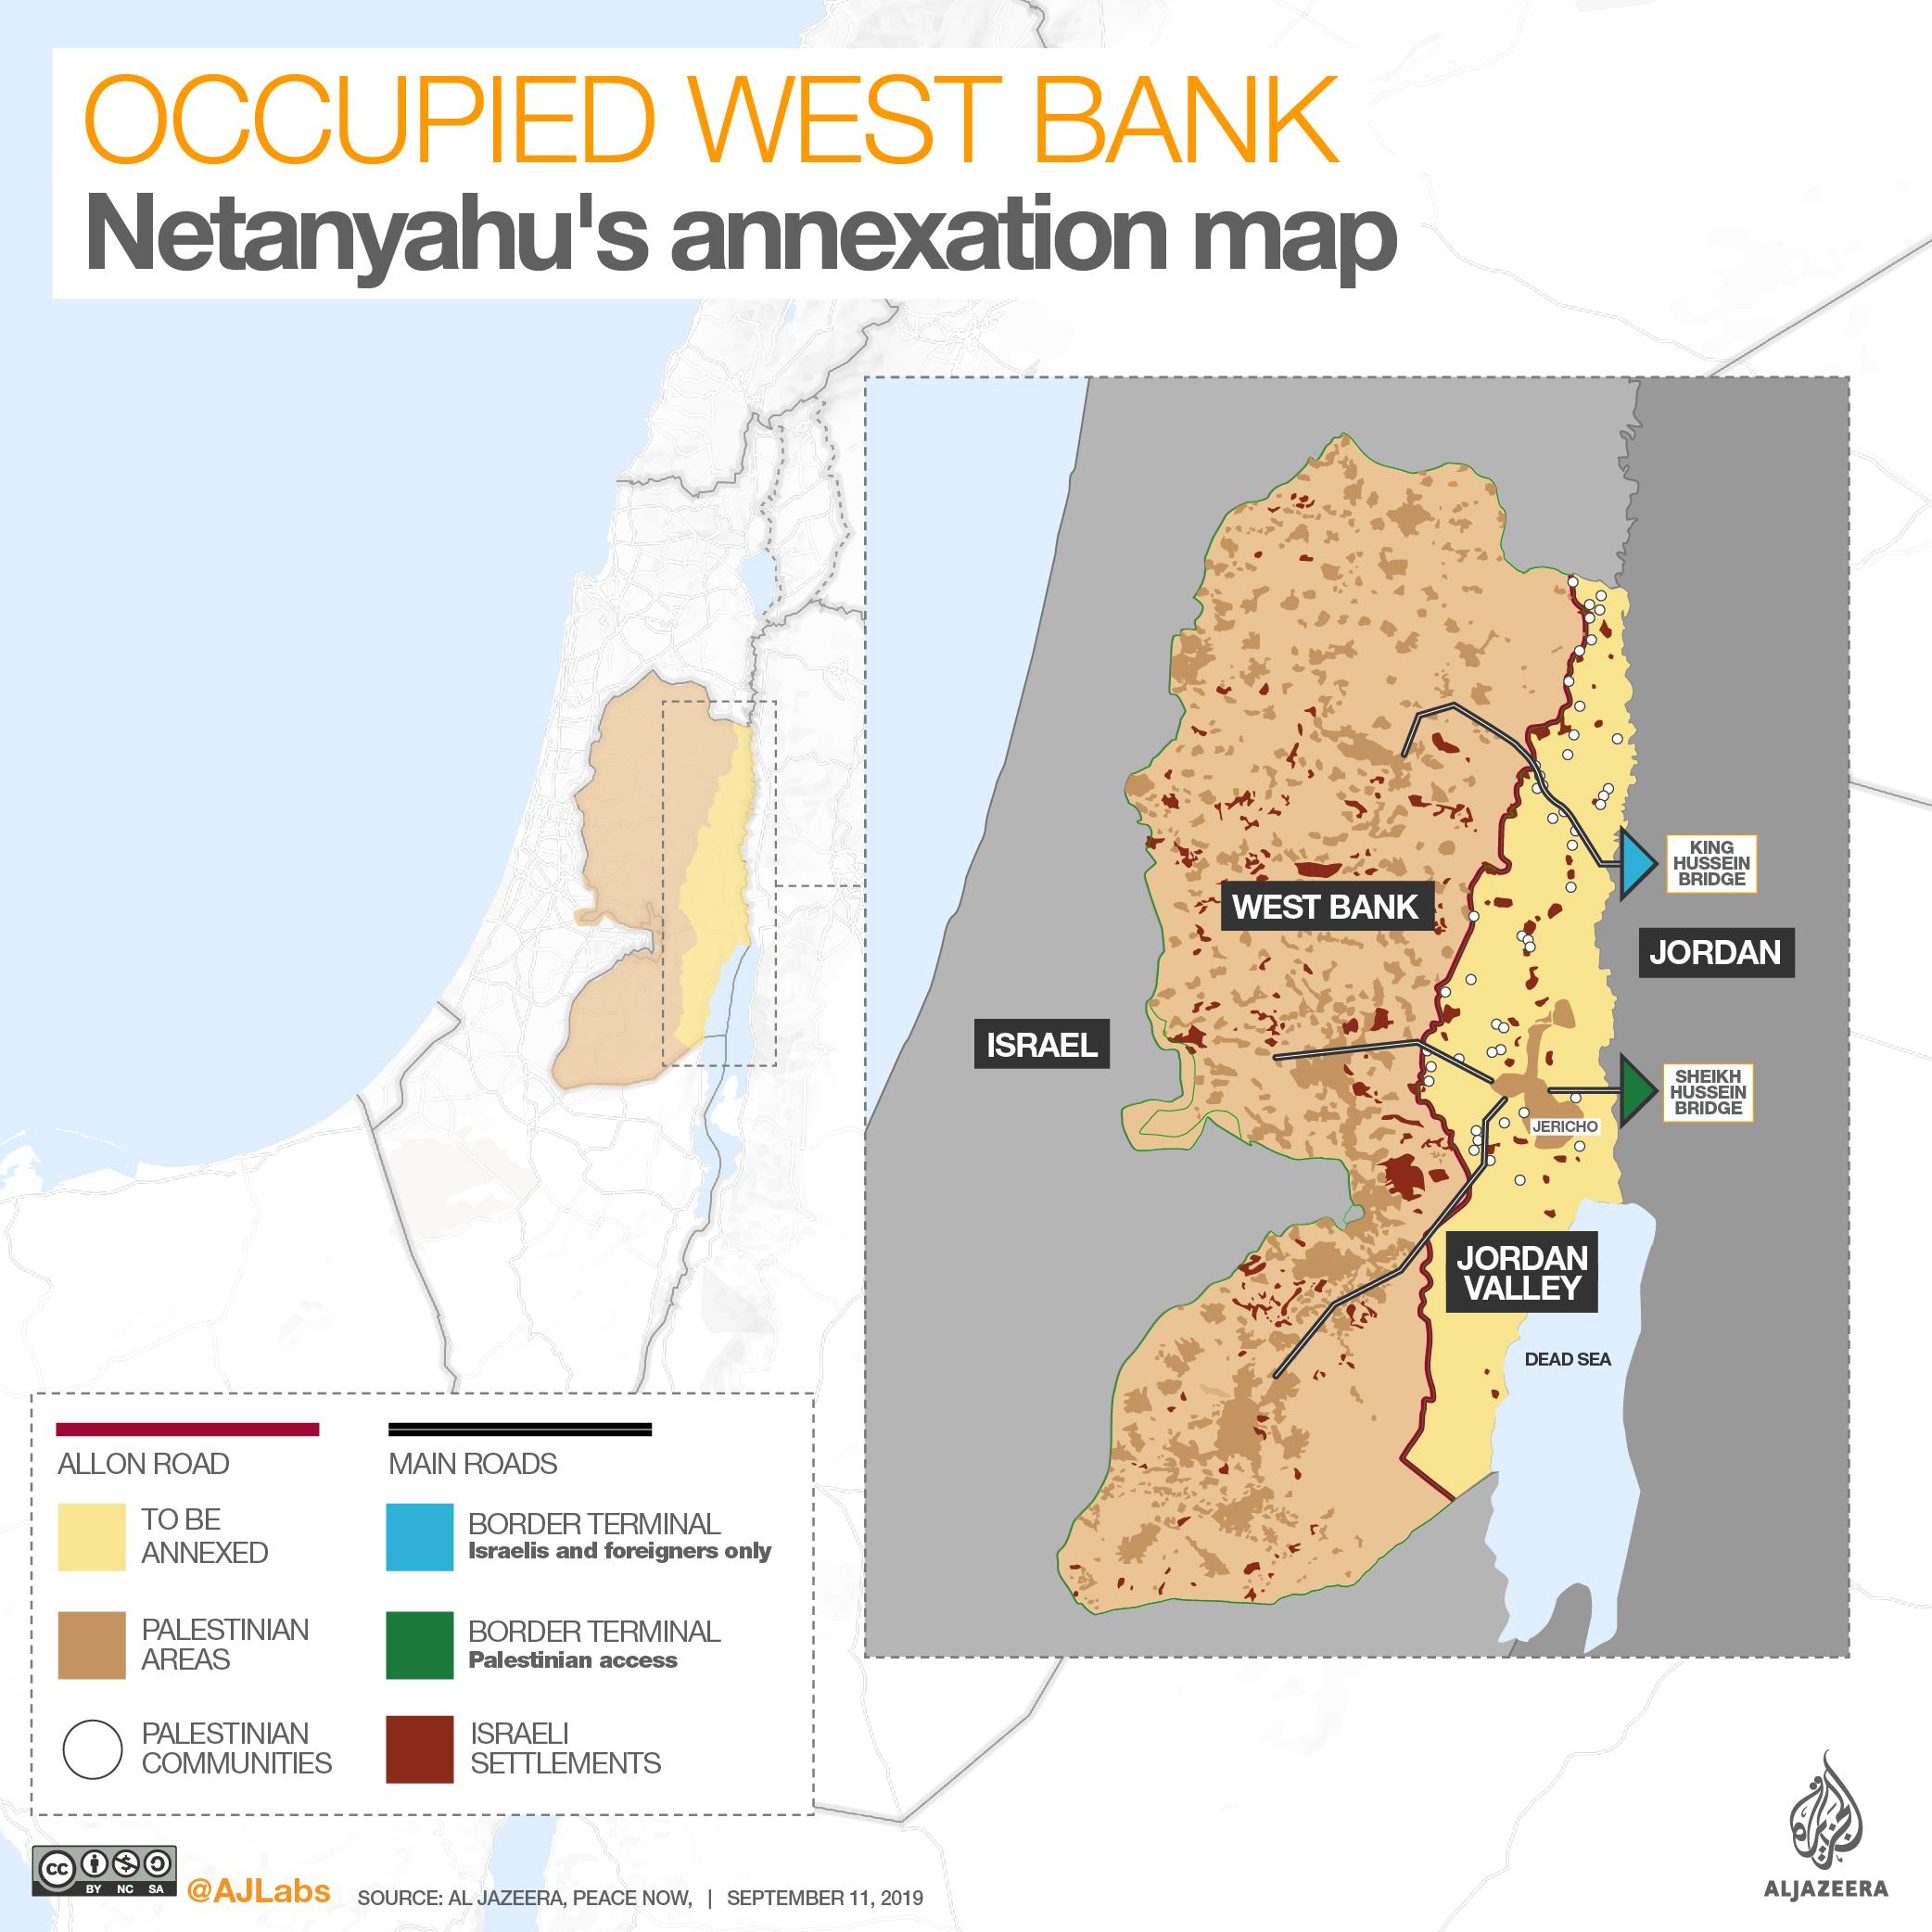 Círculo de rodamiento Los Alpes sílaba  Palestinians in Jordan Valley: 'Our lands are already annexed' | Benjamin  Netanyahu News | Al Jazeera